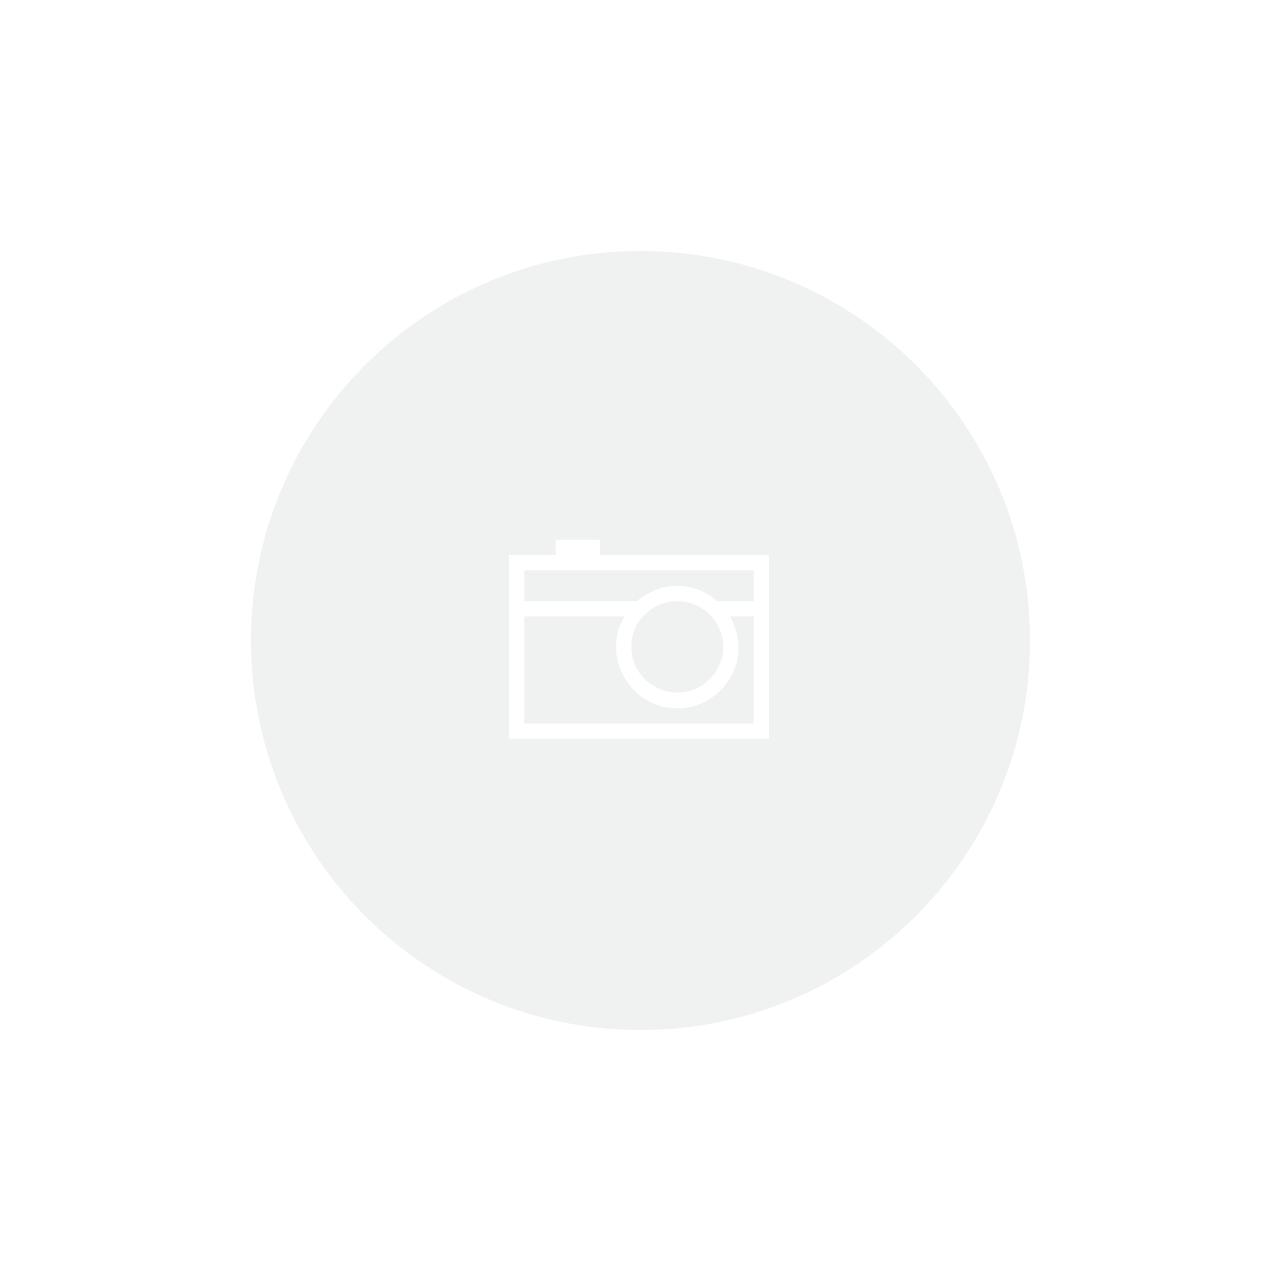 Soprador Kyklon Maxx Cinza 220V para Pet Shop, Banho e Tosa